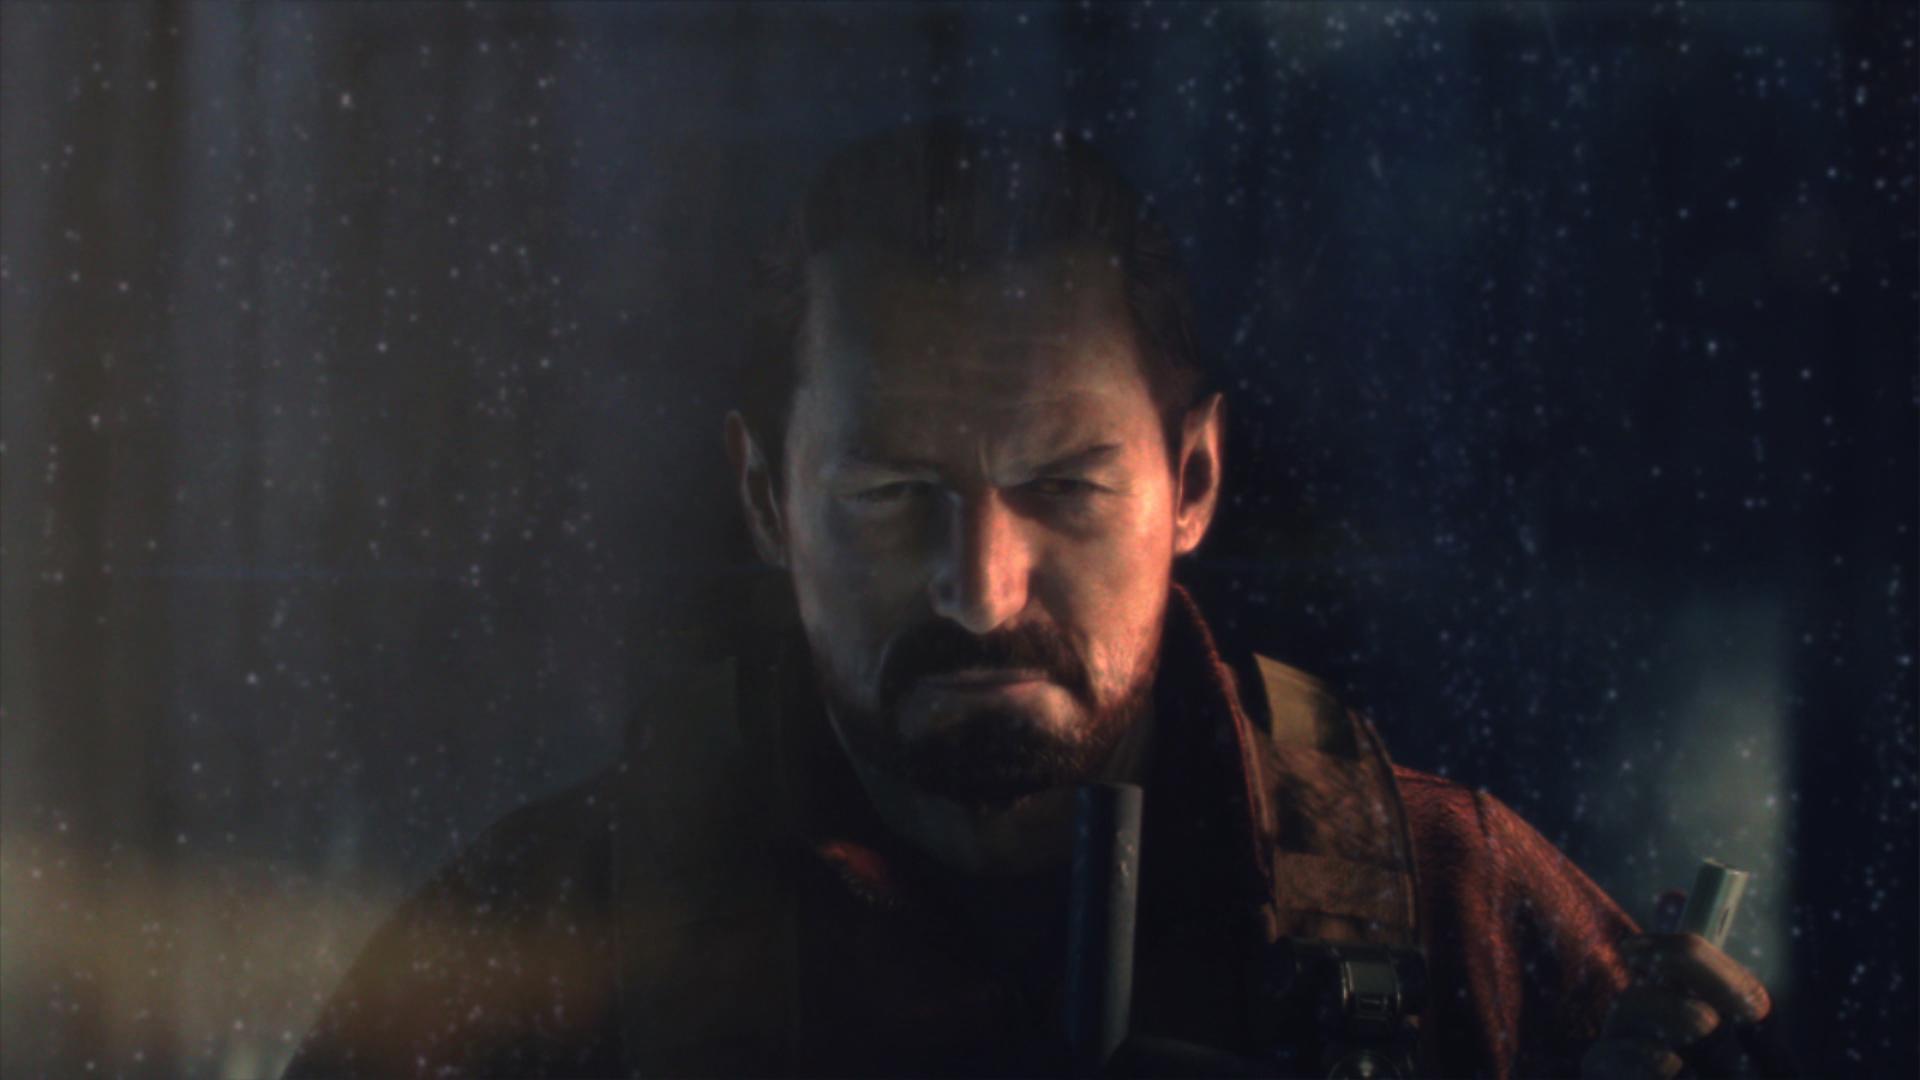 Resident-Evil-revelations-2-021214-7